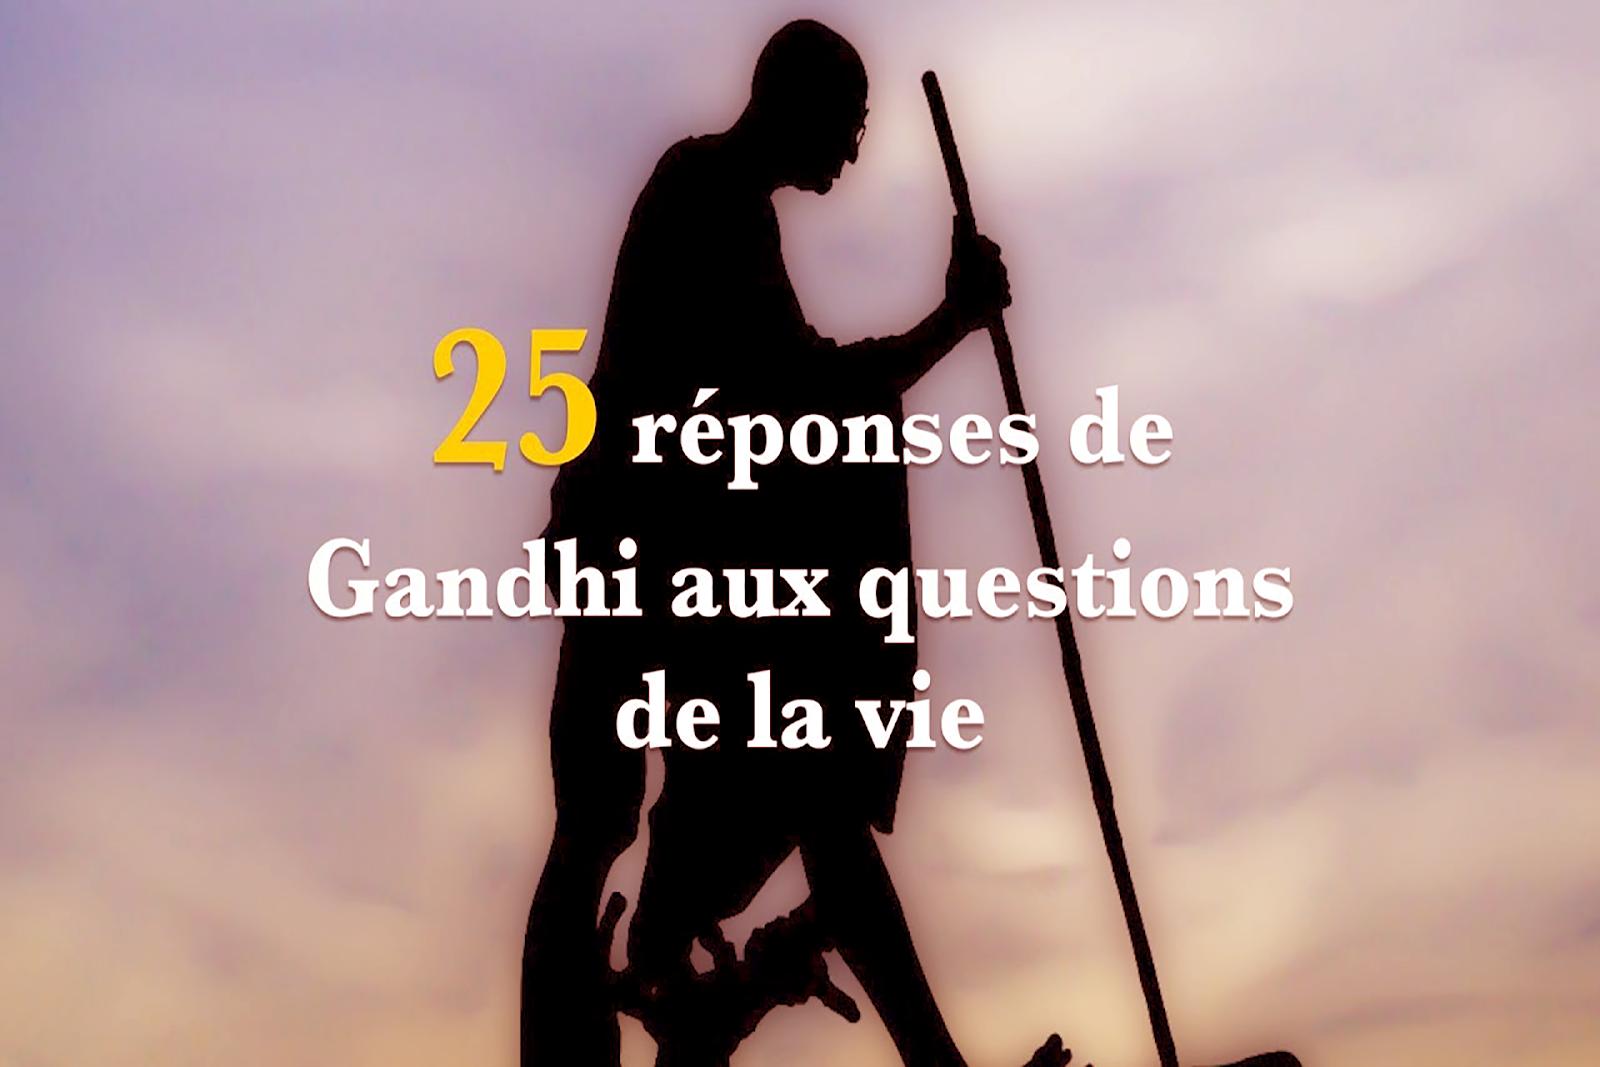 25 réponses de Gandhi aux questions de la vie